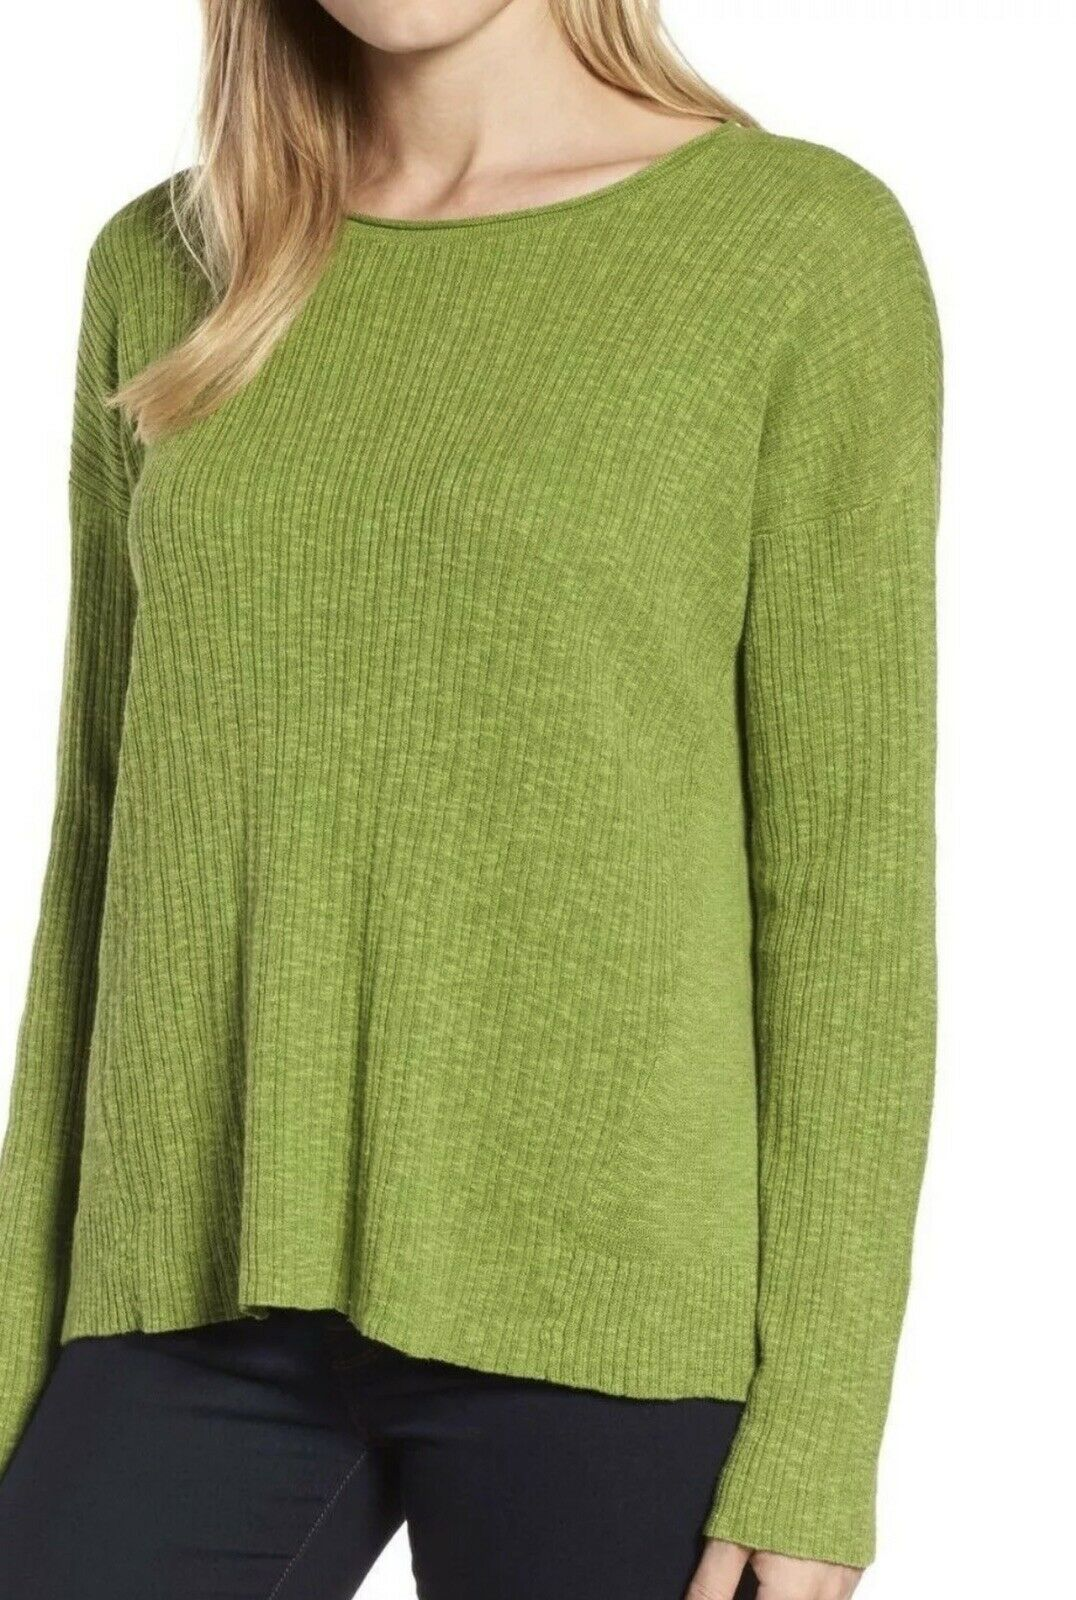 NEW Eileen Fisher Grün Grass Texturot Linen Cotton Crew Neck Sweater Top Sz Lg